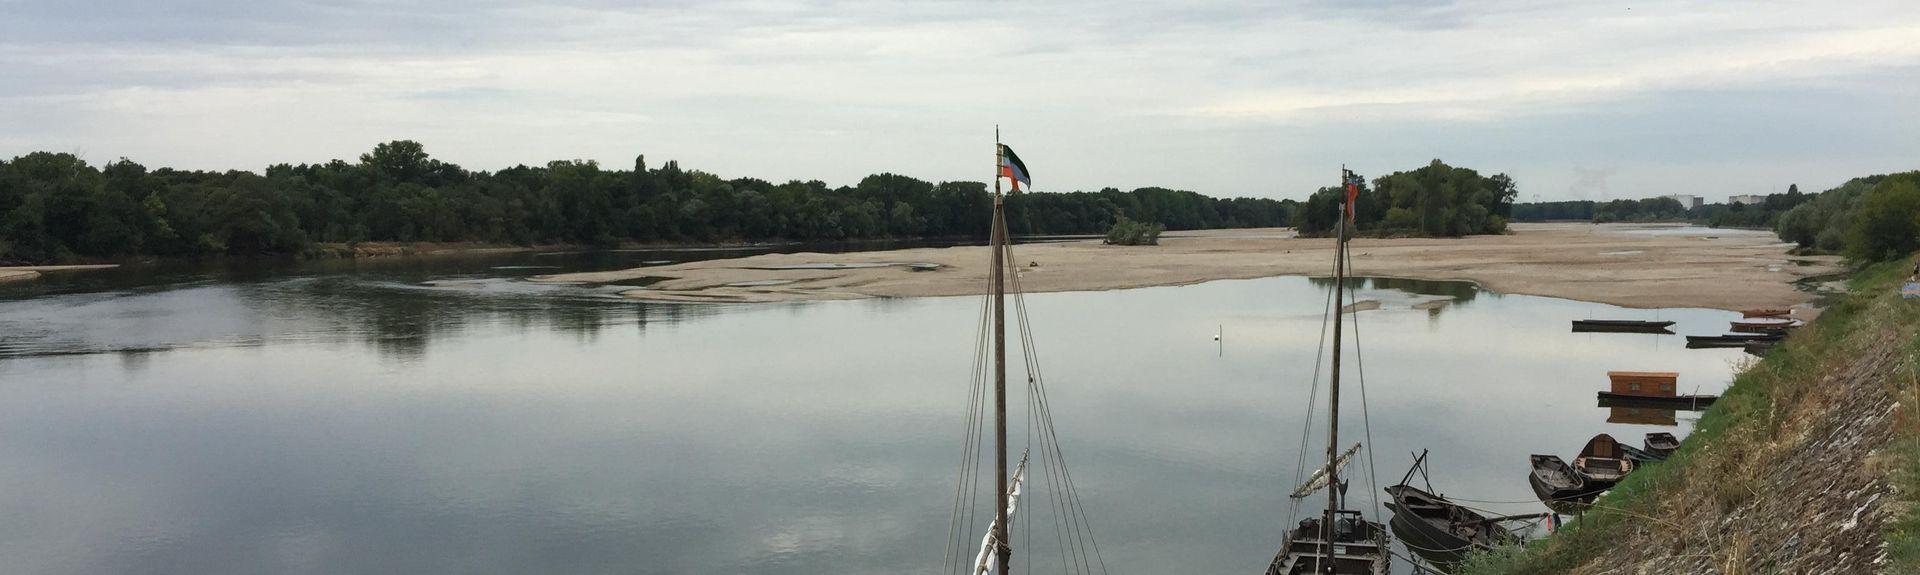 Breil, Noyant-Villages, Département Maine-et-Loire, Frankreich